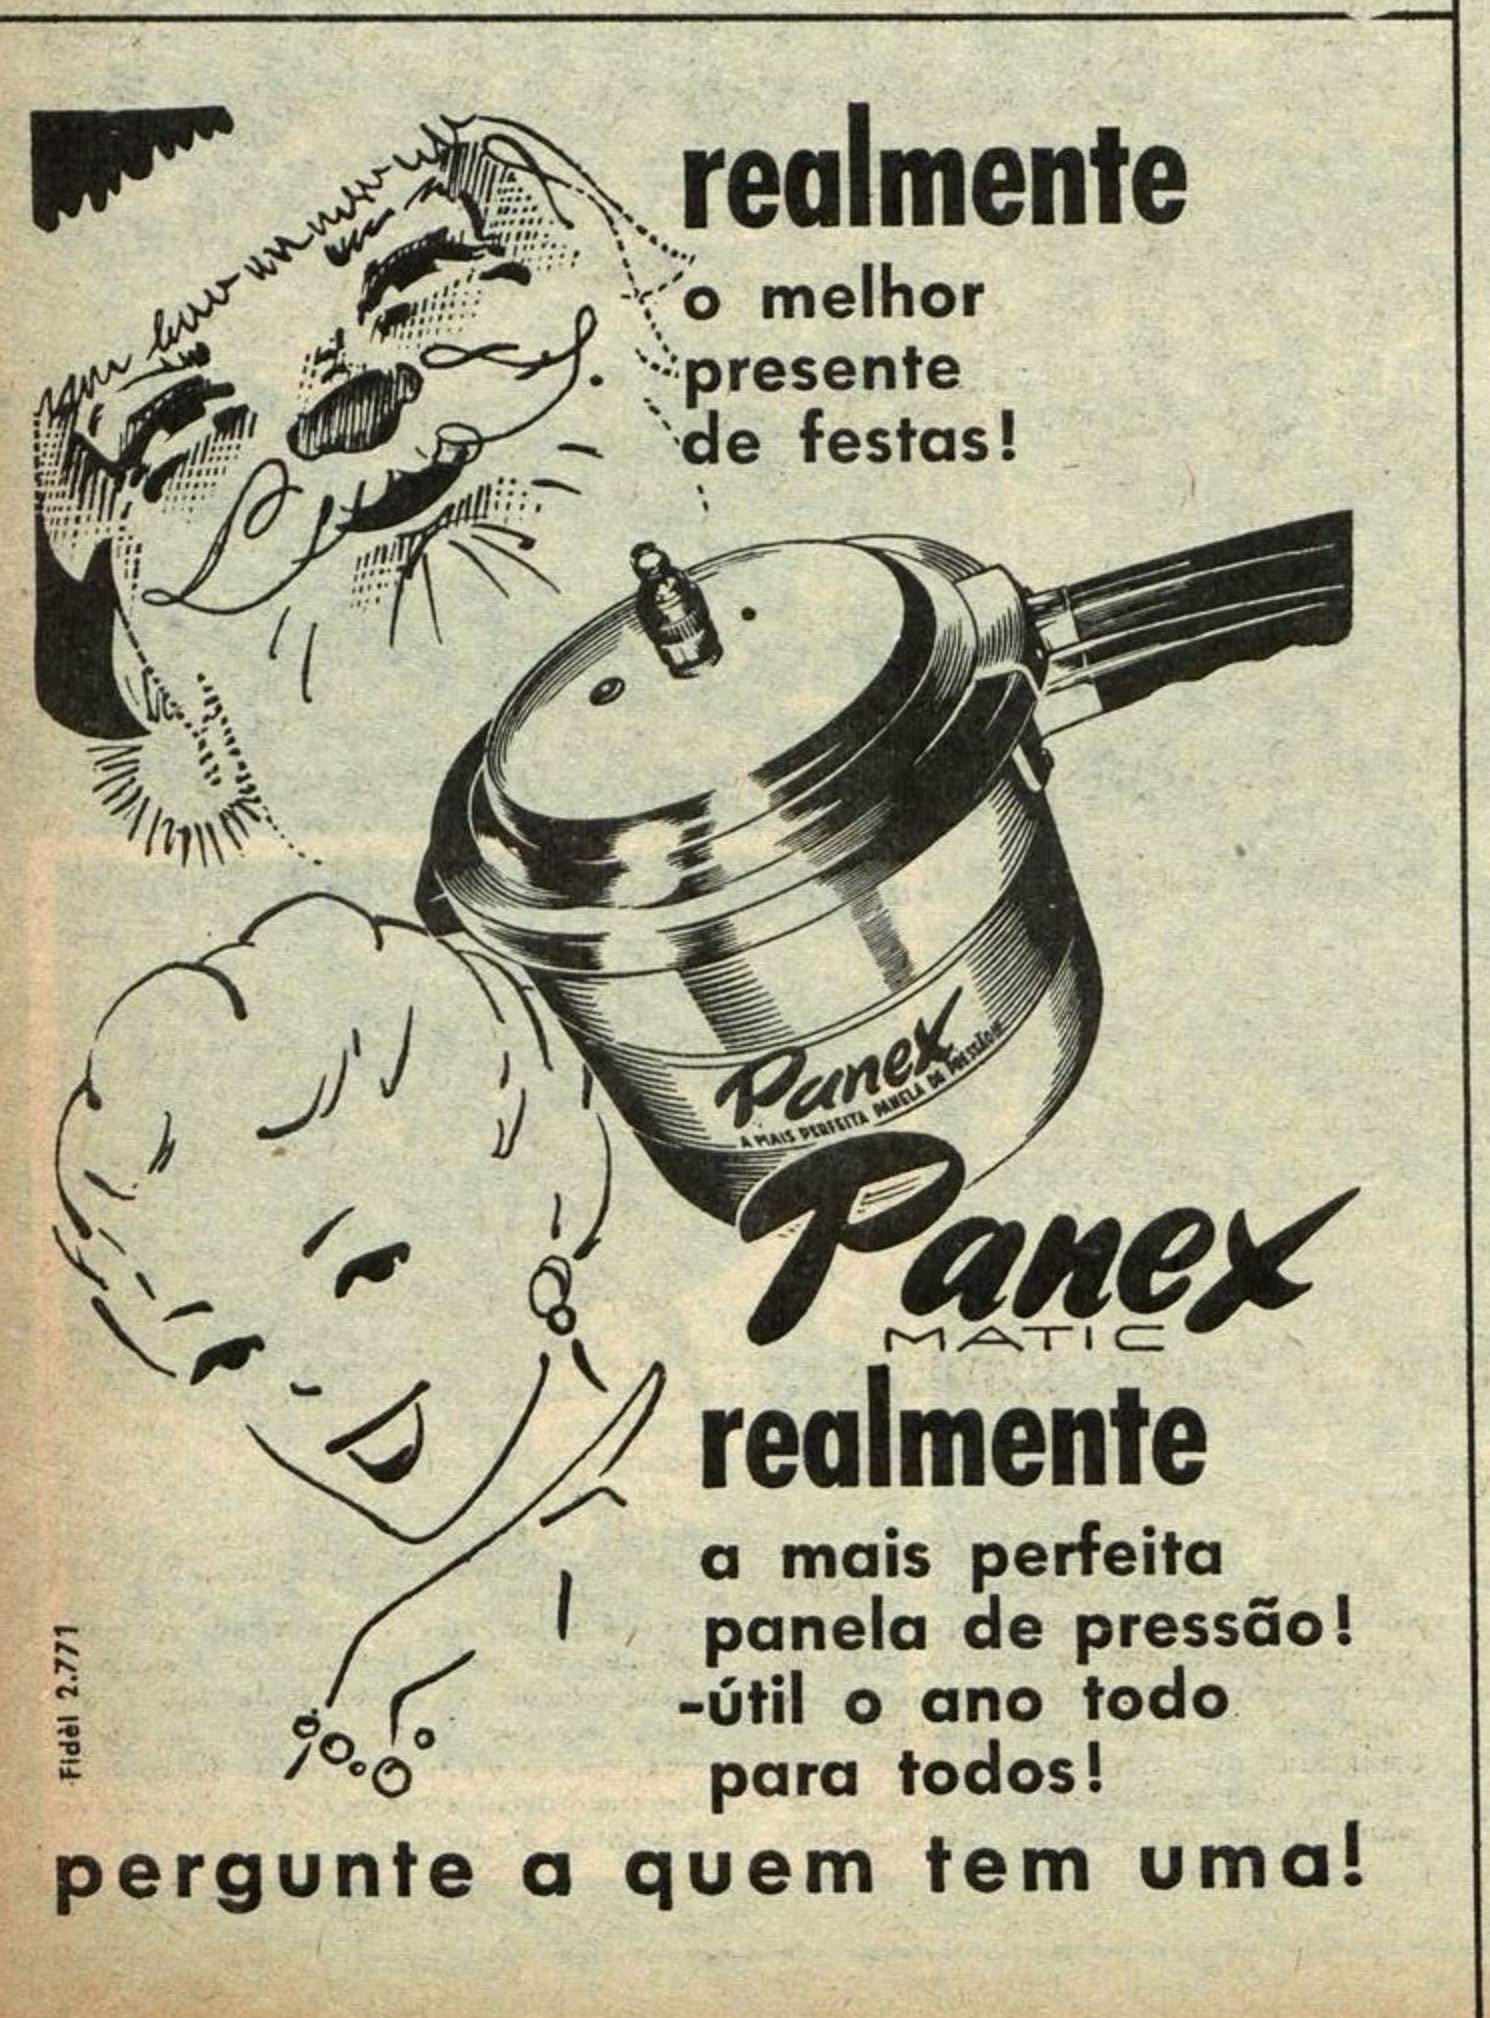 Anúncio da Panex promovendo sua panela de pressão em 1953